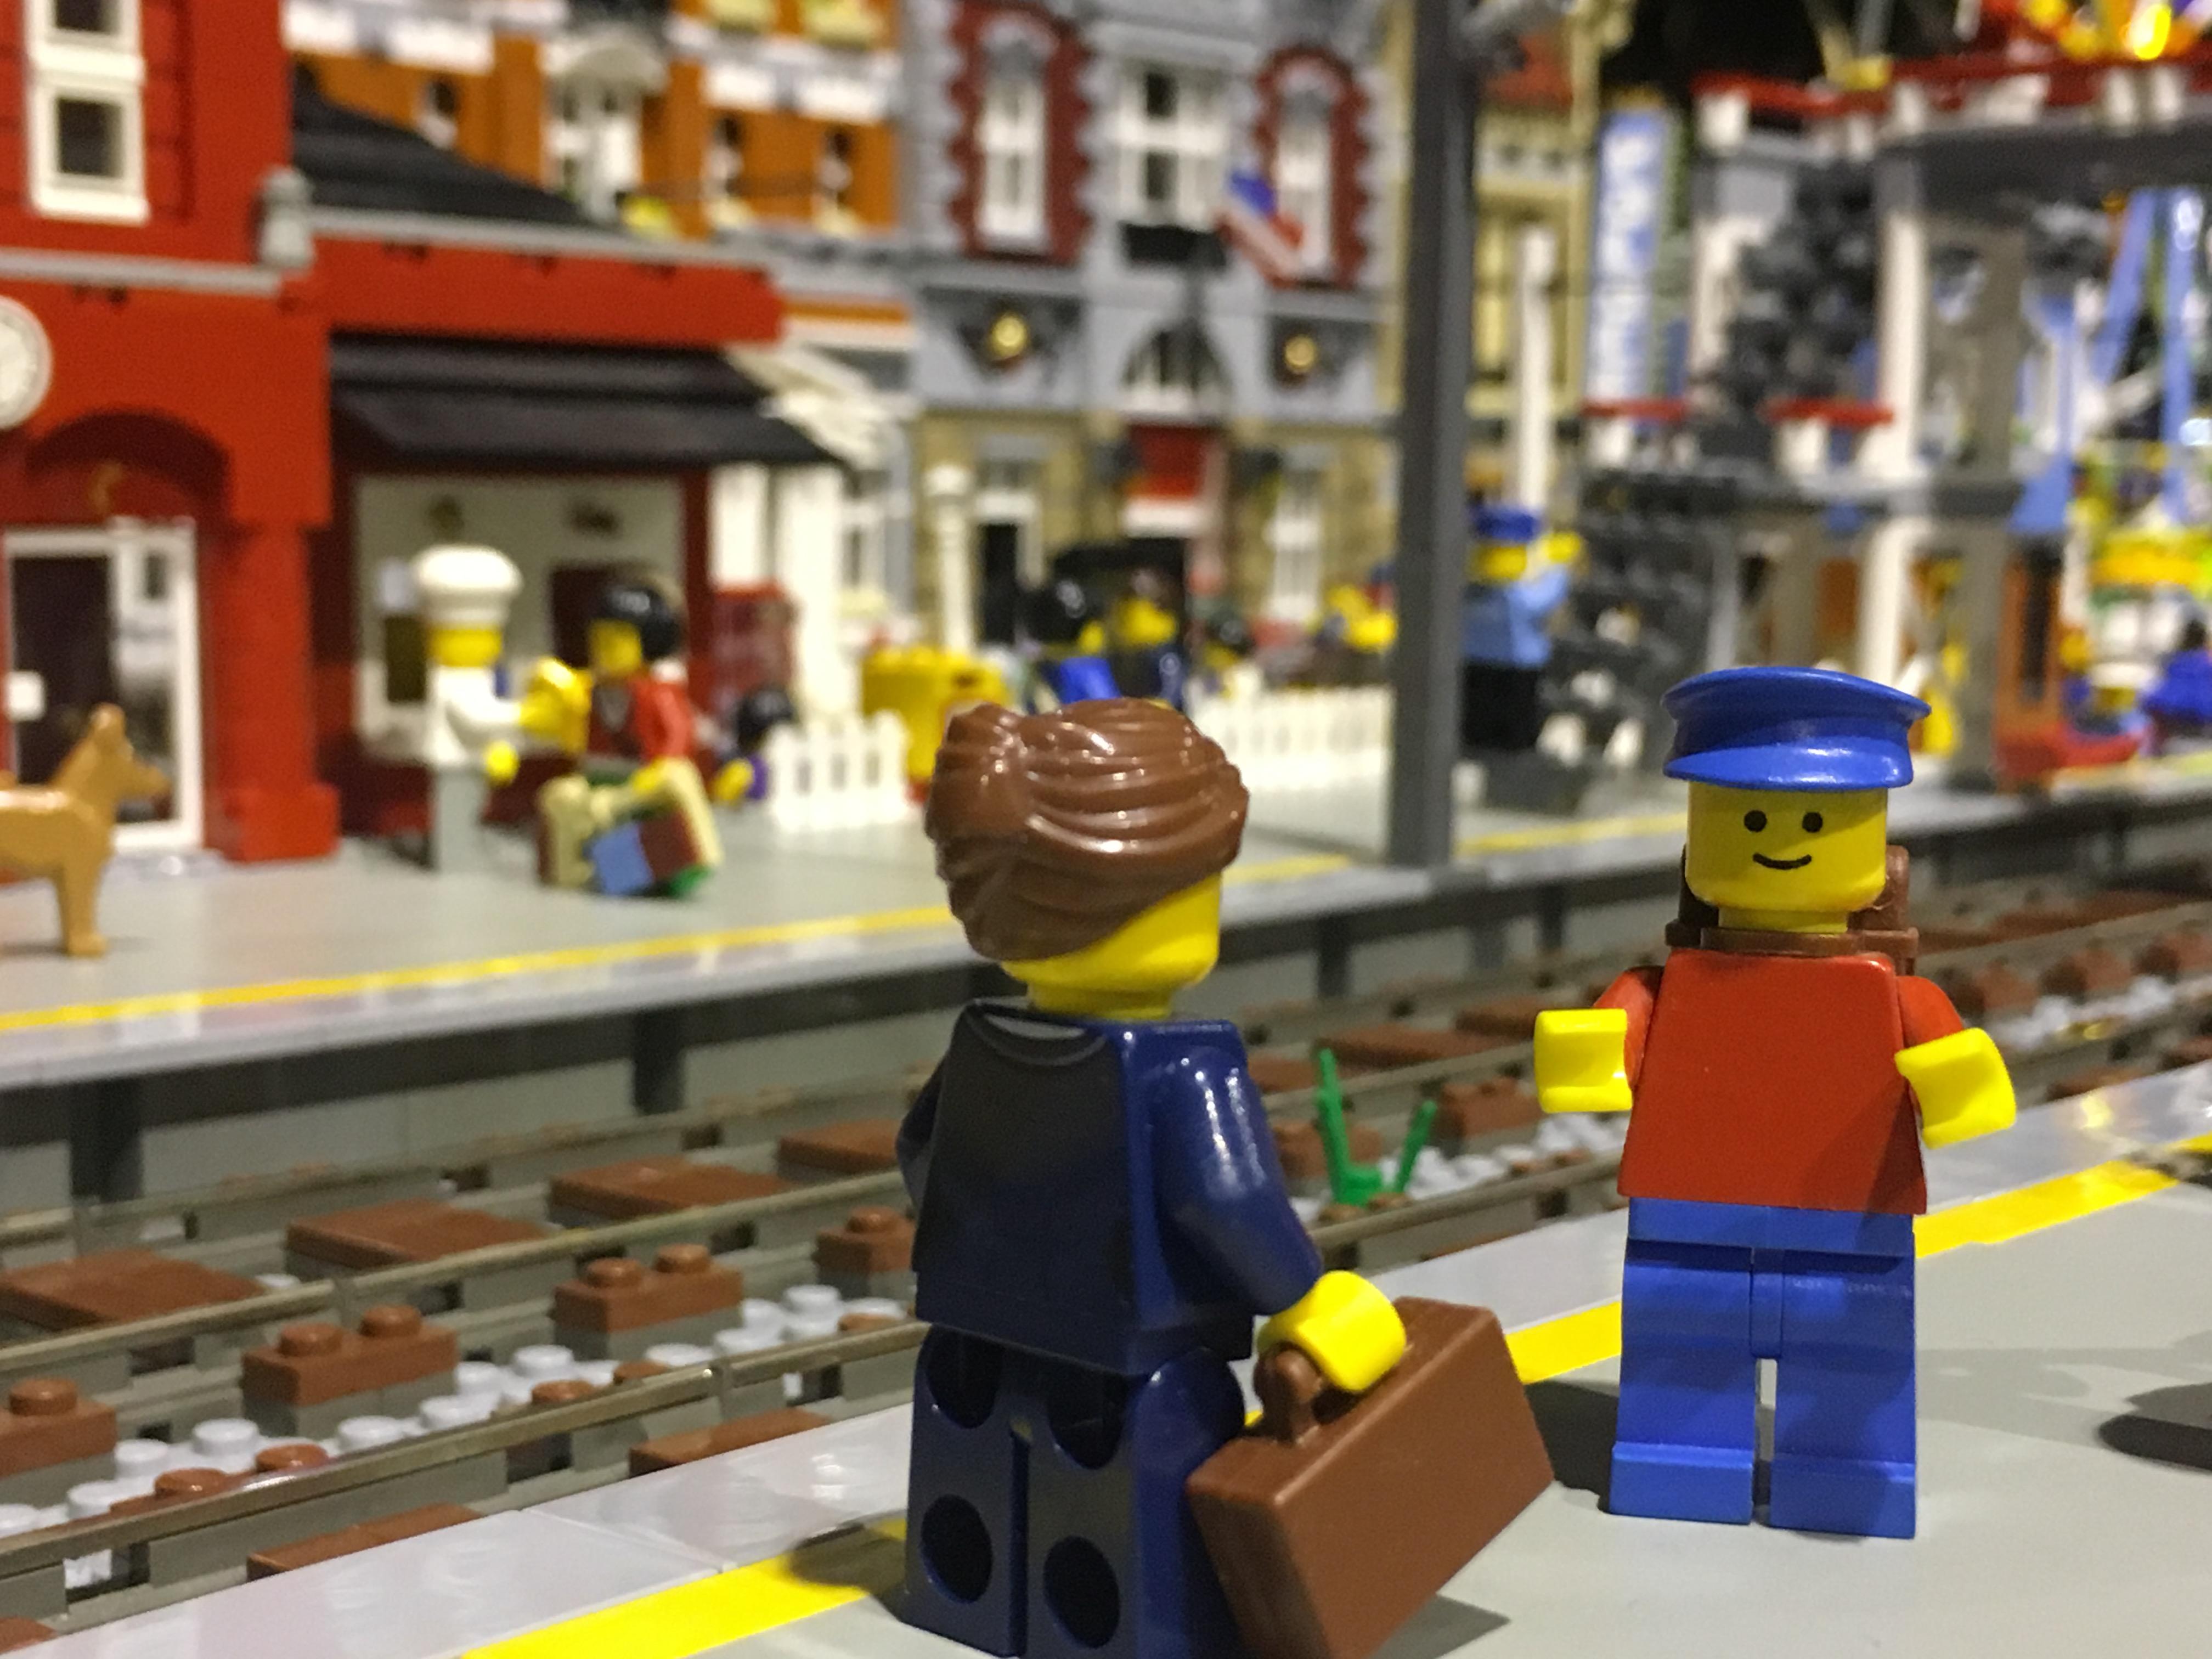 Modélisme Expo Salon Lego® Du Jouets De CxQdohBstr